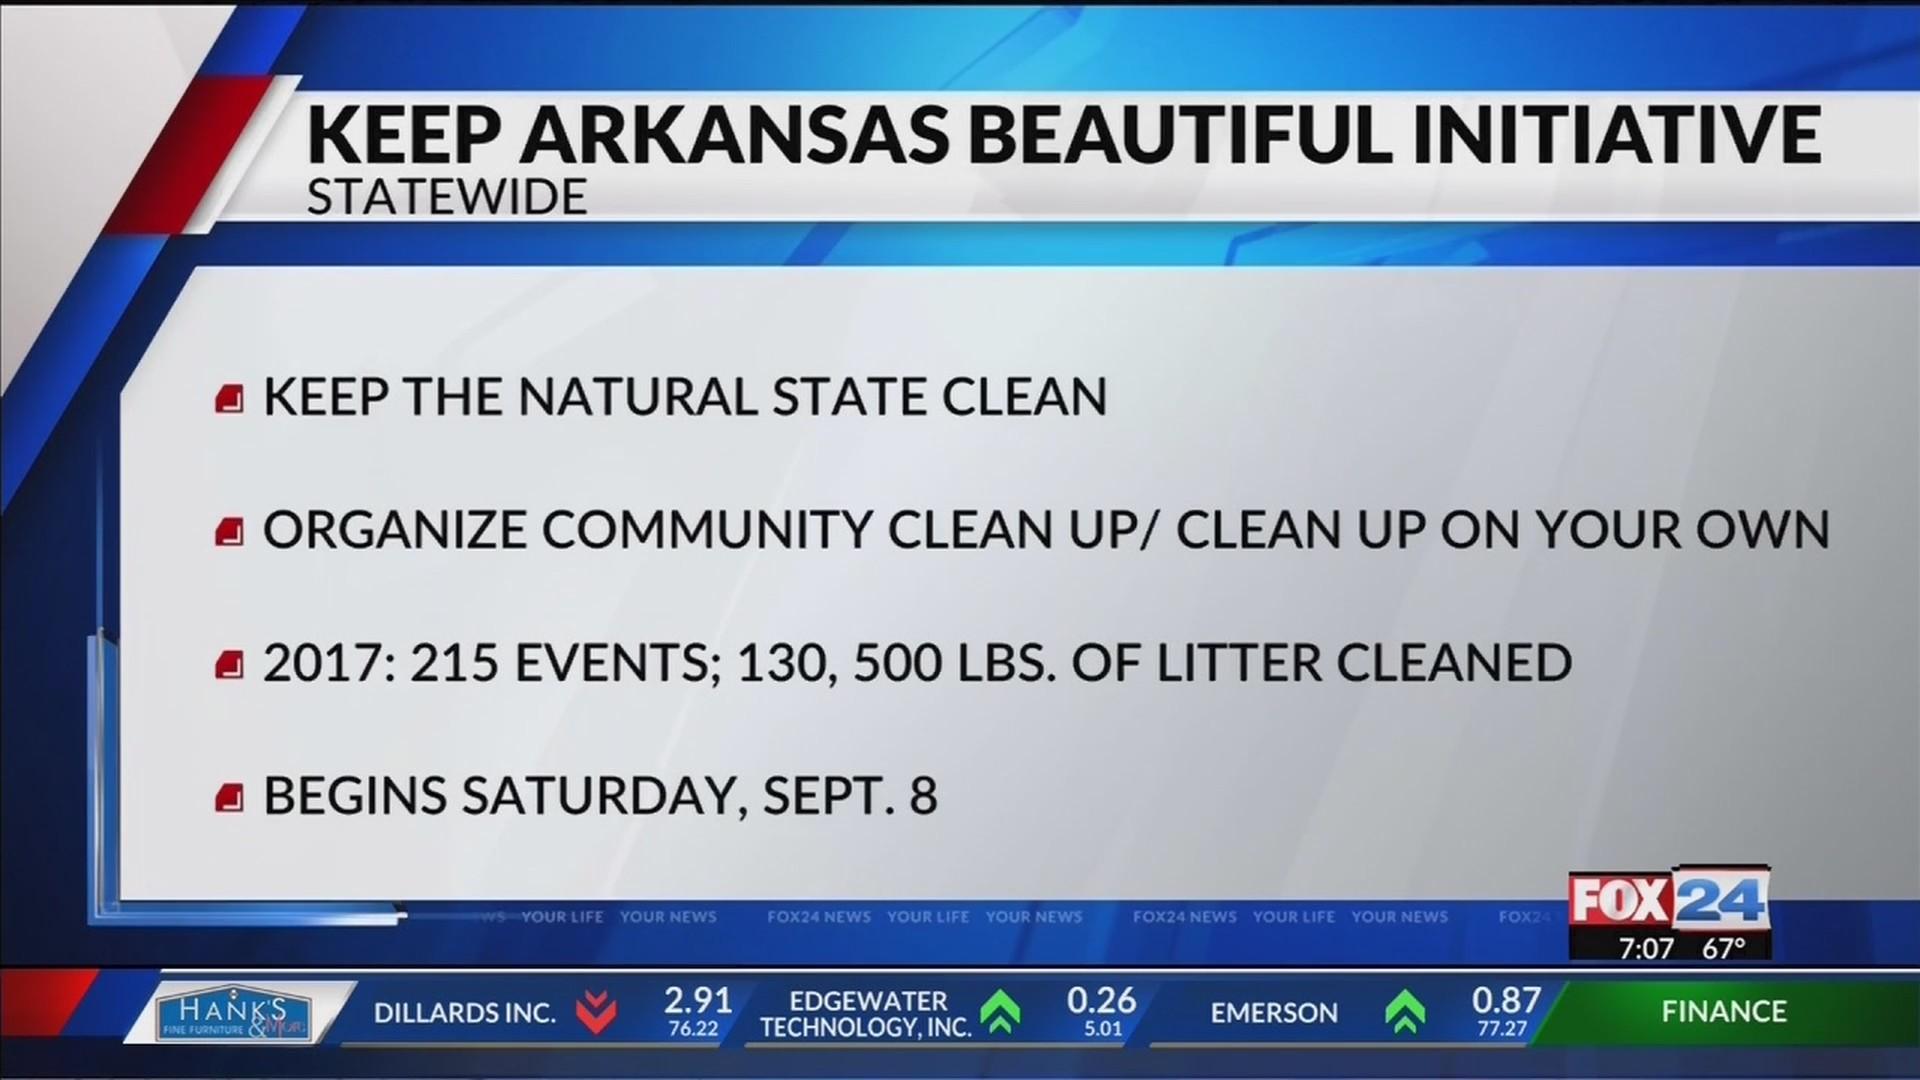 Keep_Arkansas_Beautiful_Initiative_0_20180906125044